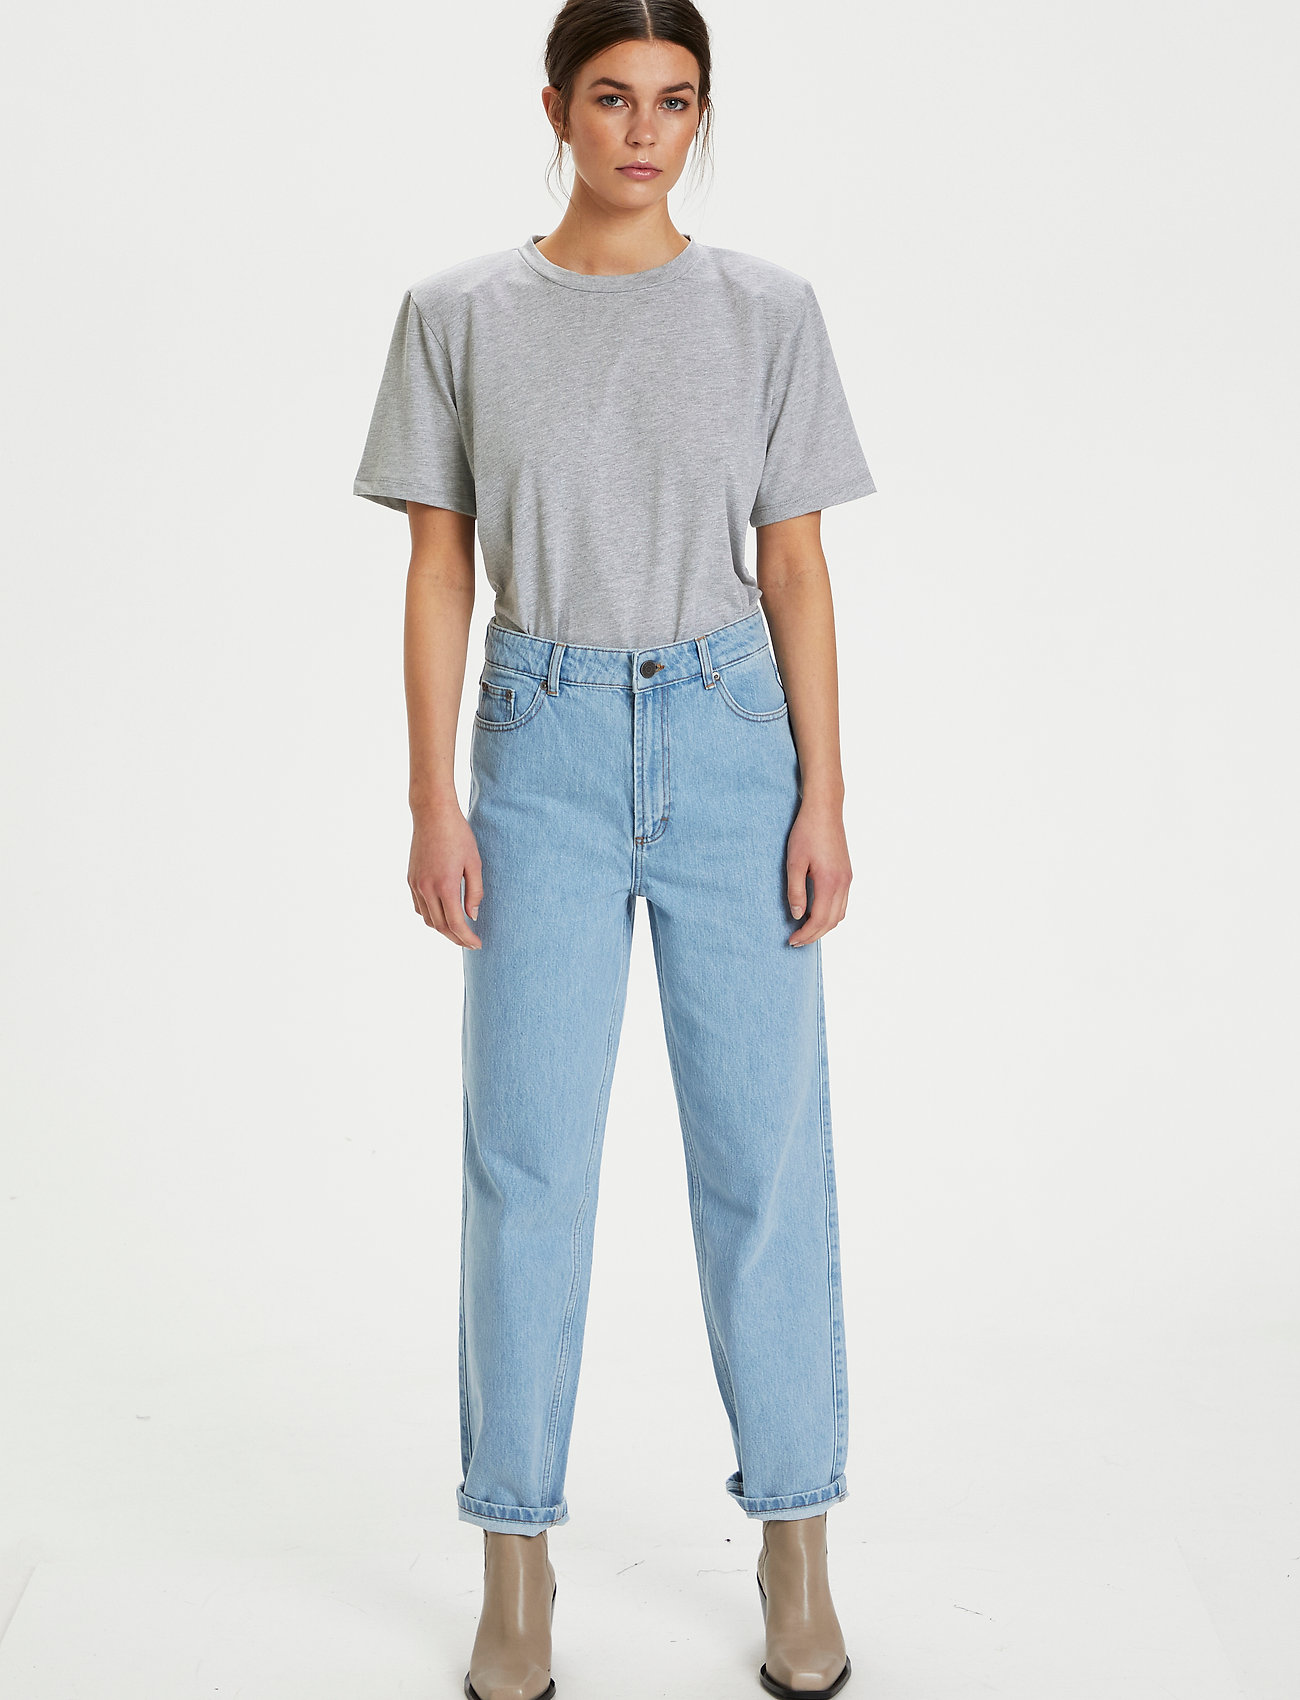 Gestuz - JoryGZ tee - t-shirts - grey melange - 4